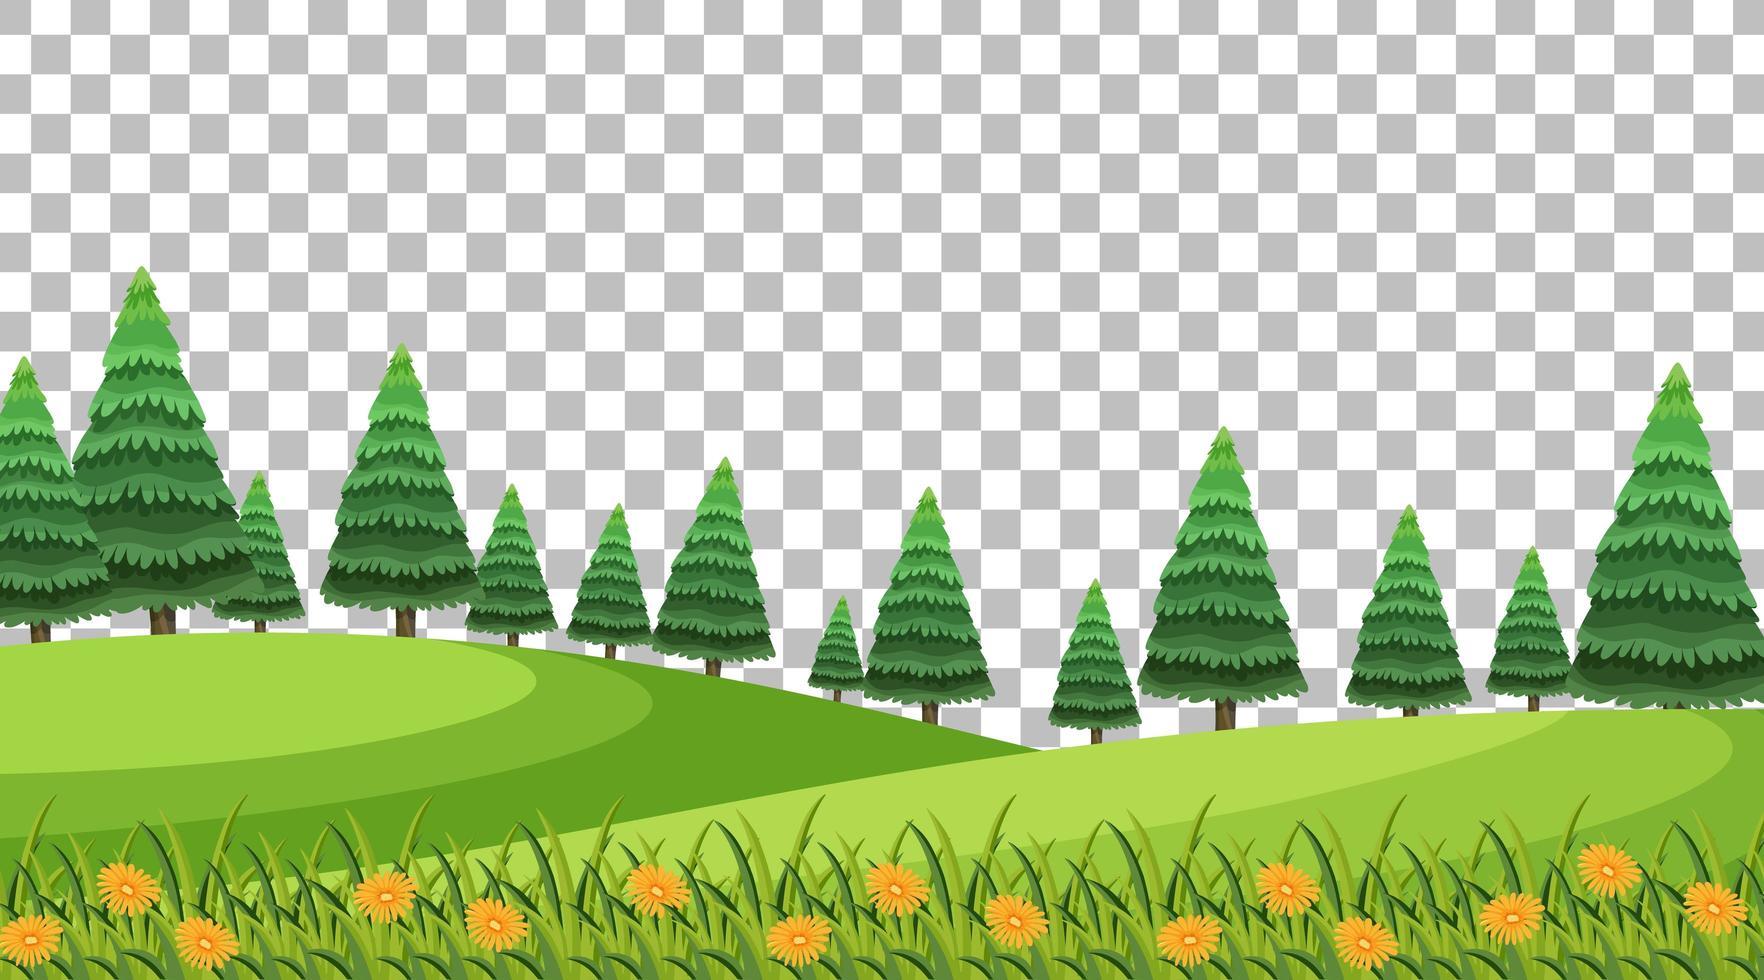 scène de parc naturel avec fleurs et paysage de champ vecteur